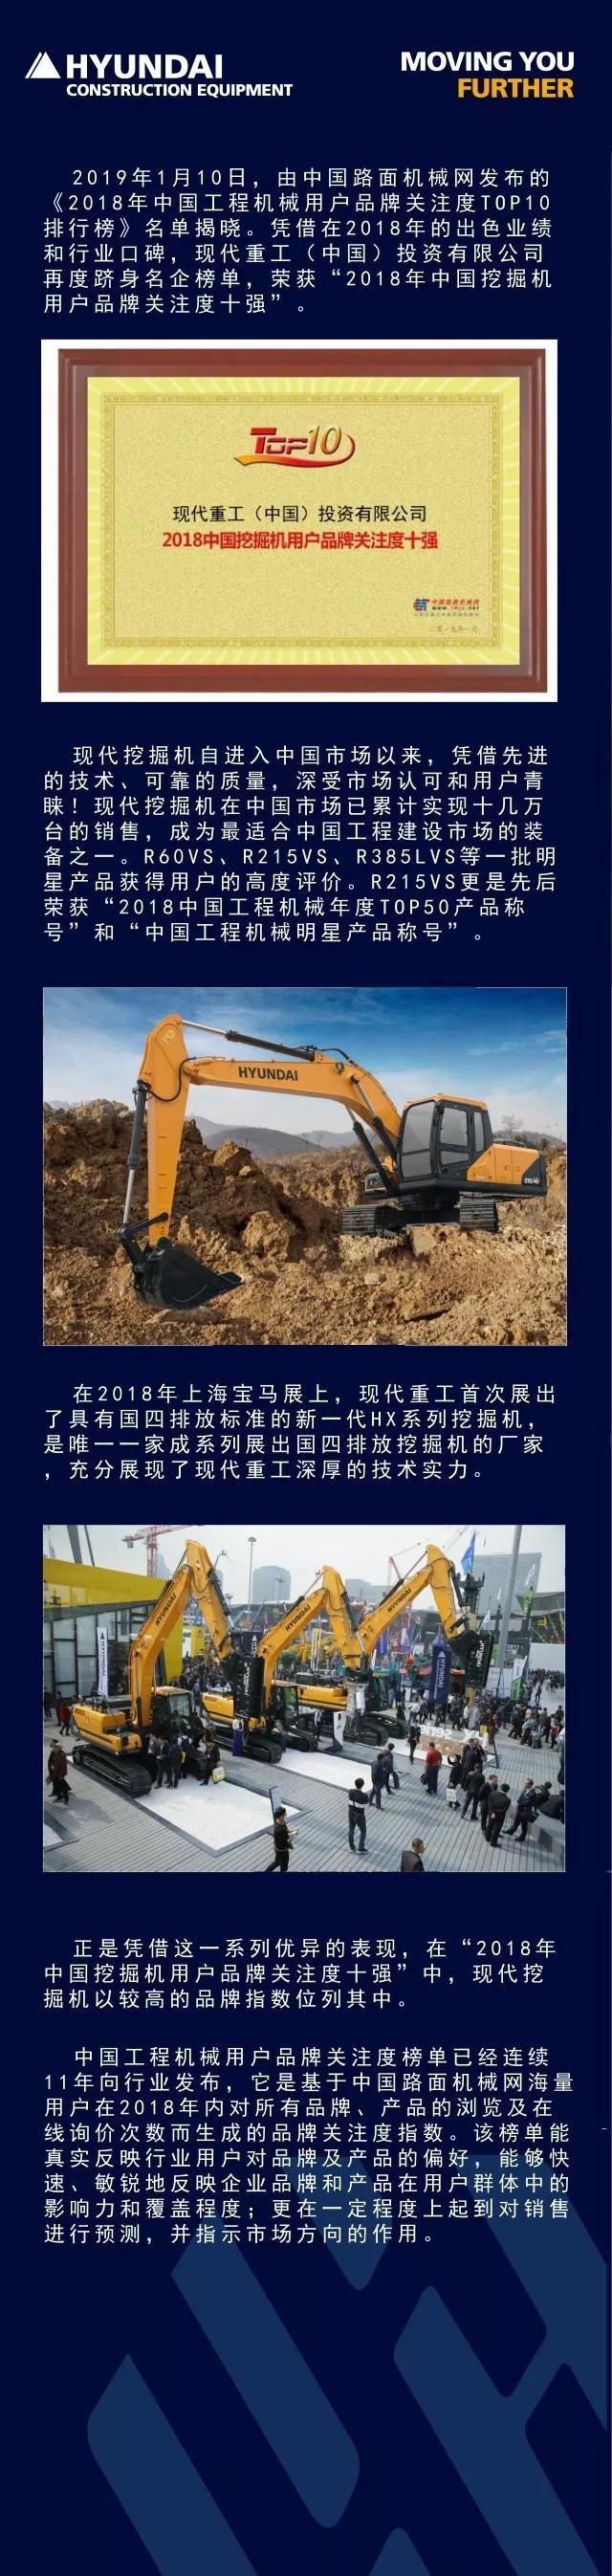 现代重工荣获2018年中国挖掘机用户品牌关注度十强